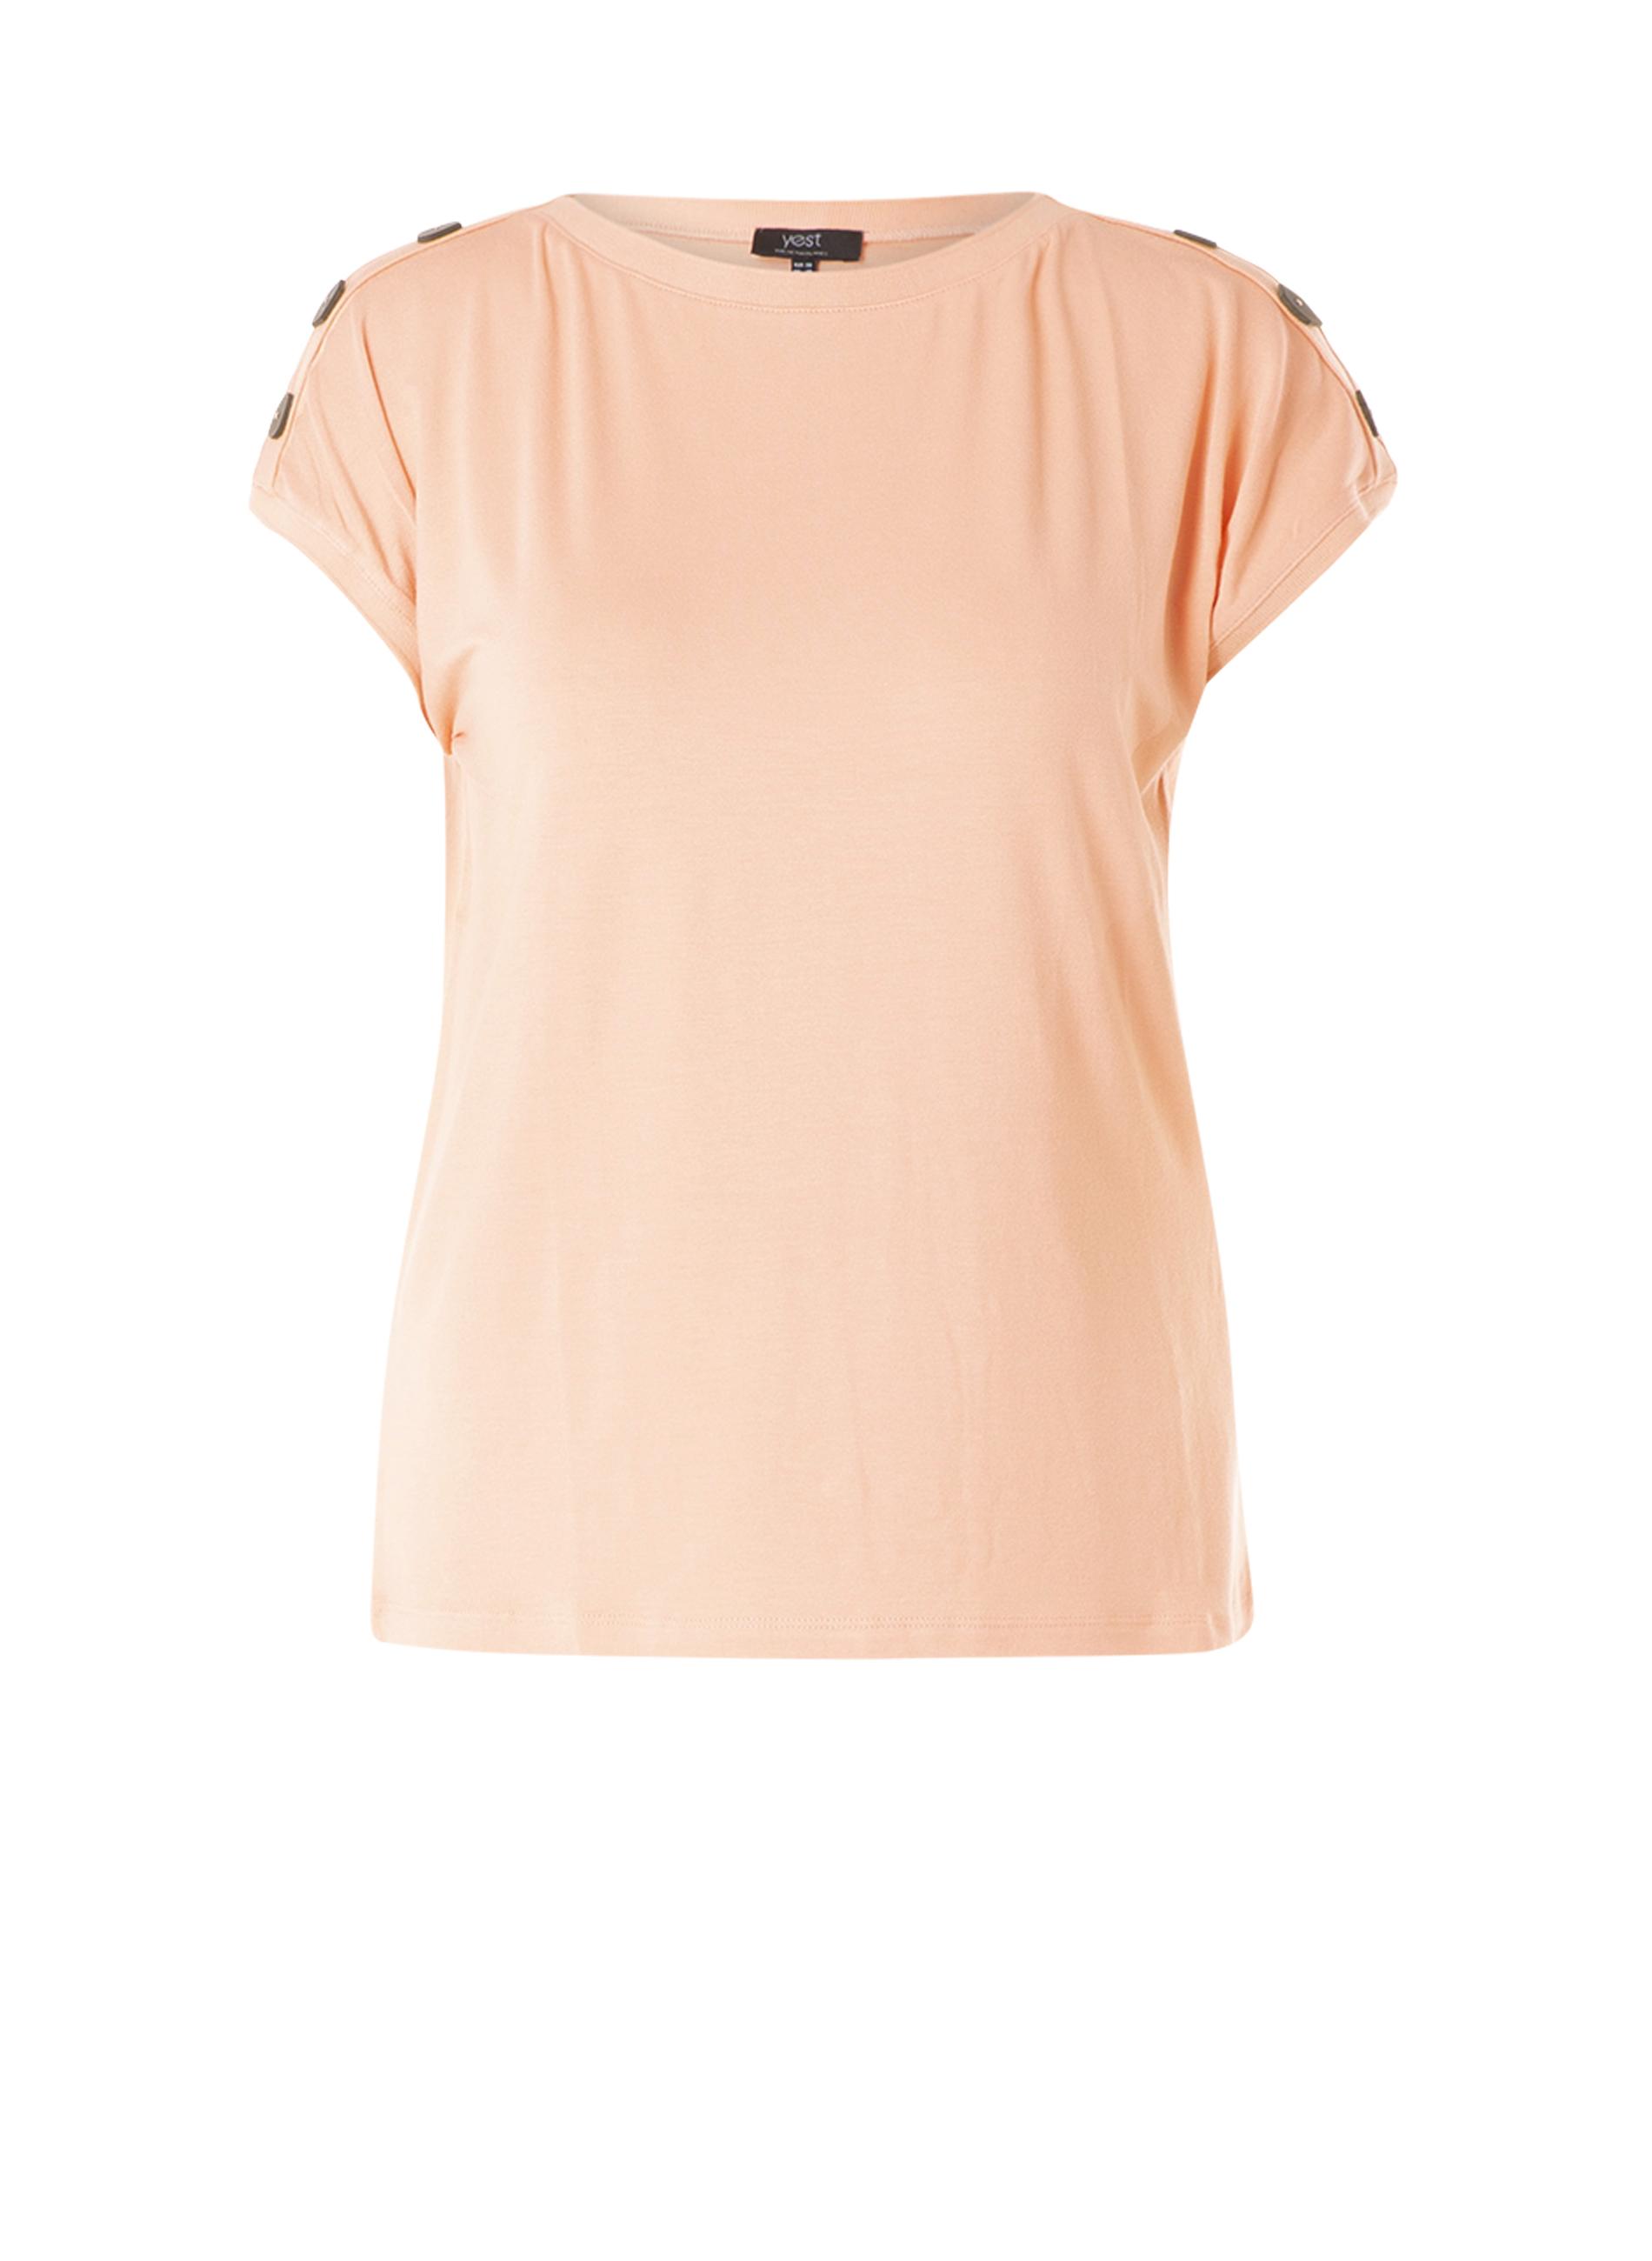 Shirt Liset 76 cm Yesta